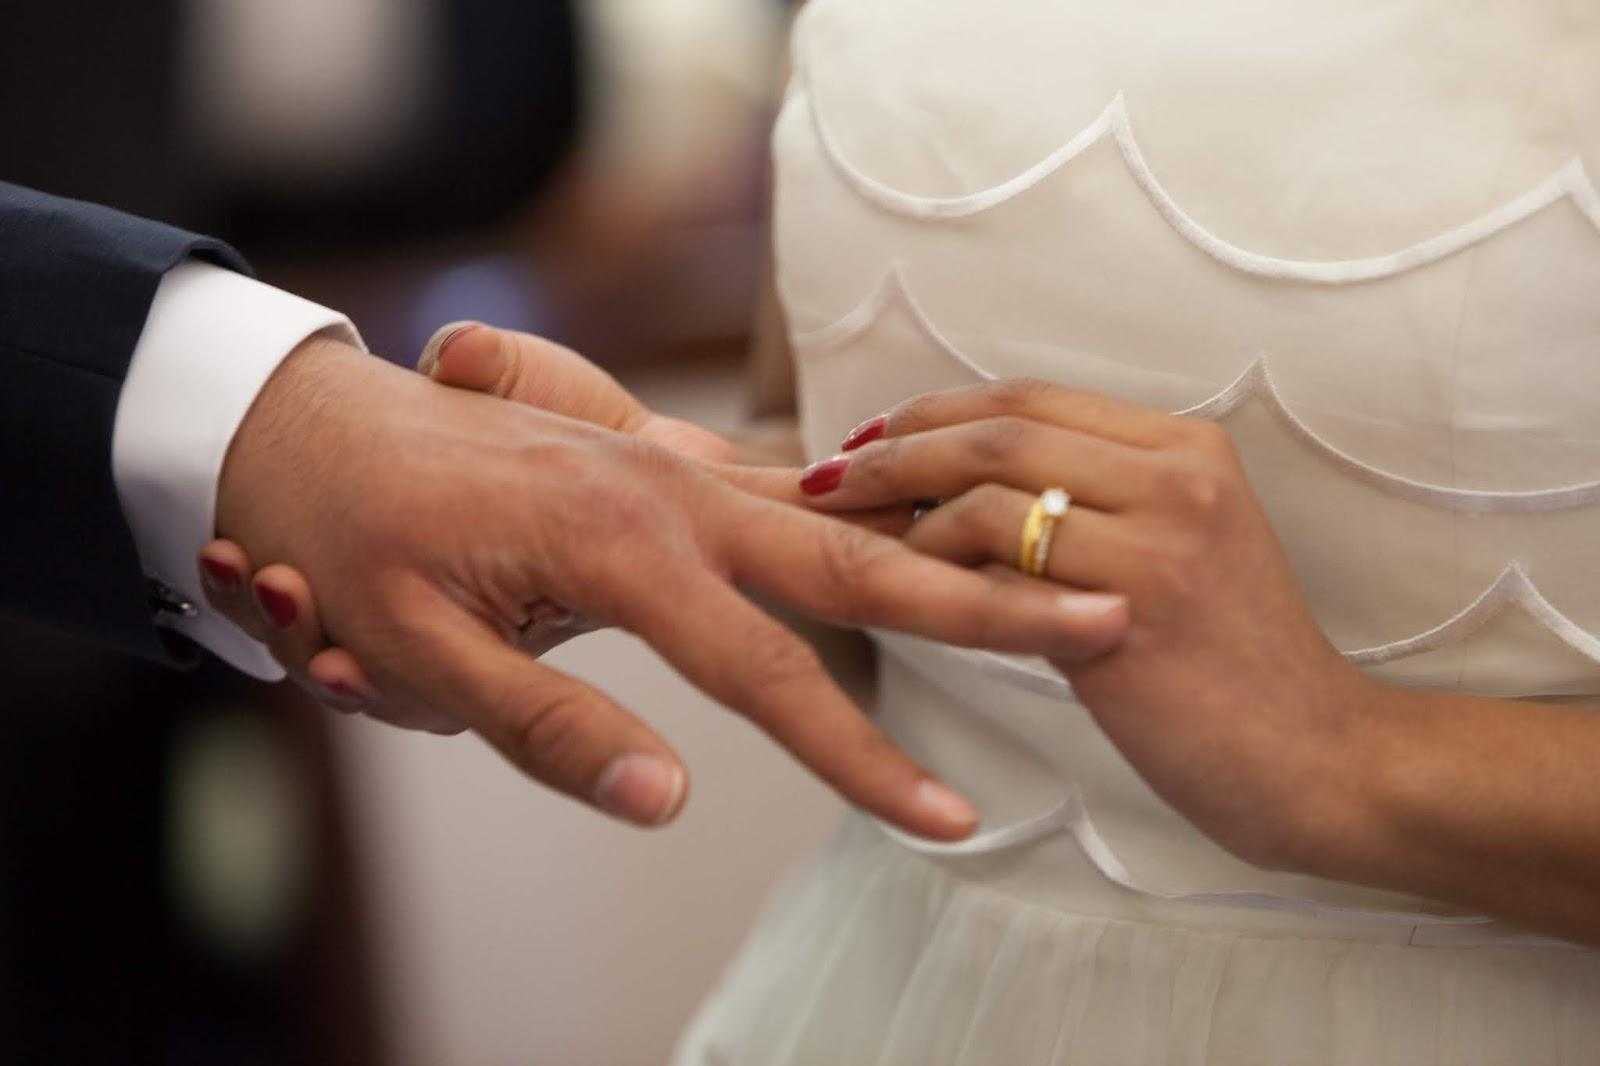 Kriteria Pasangan yang Bisa Mendapat Restu dengan Mudah